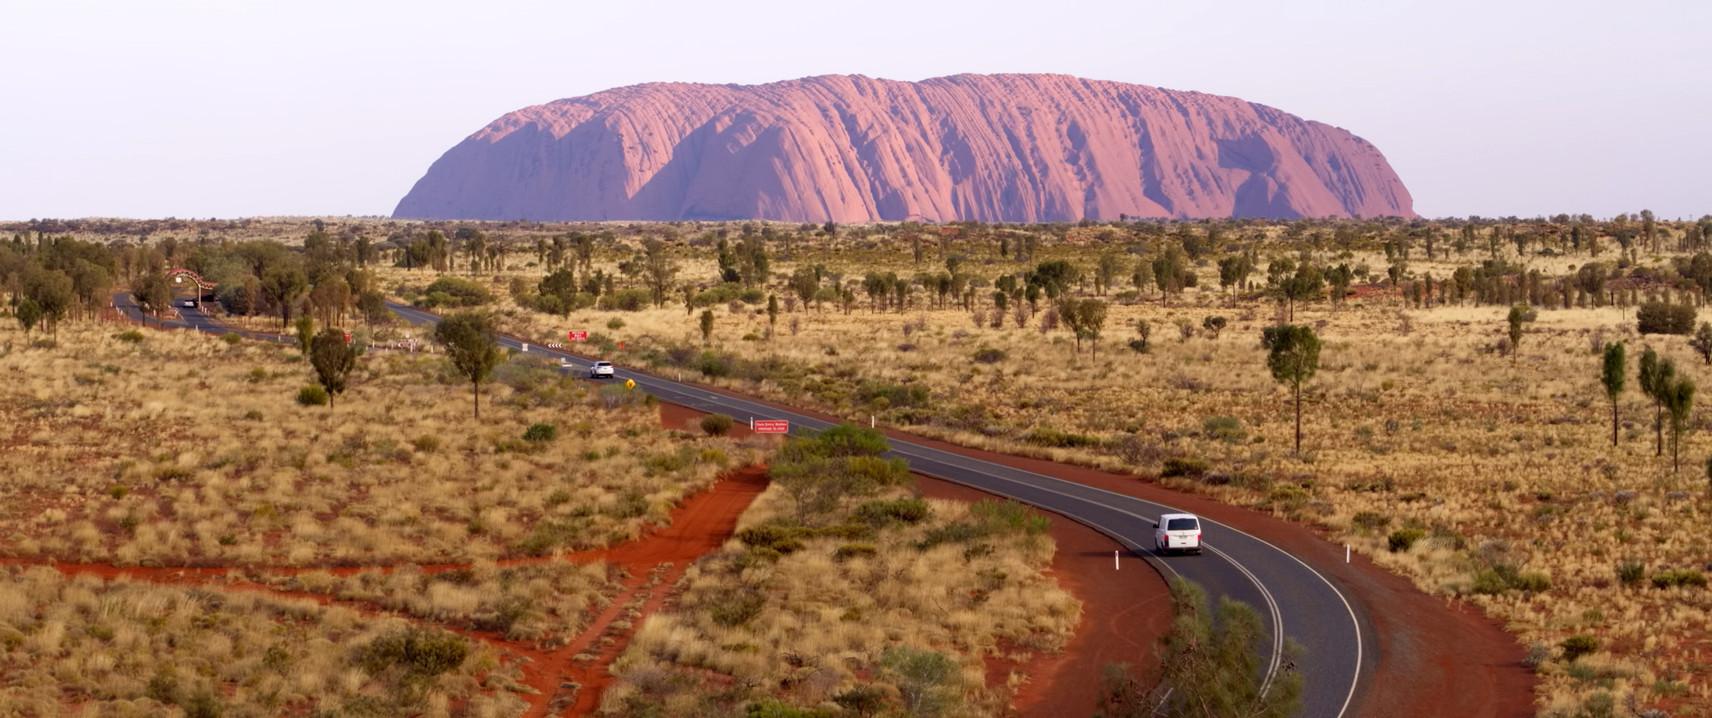 Driving into Uluru